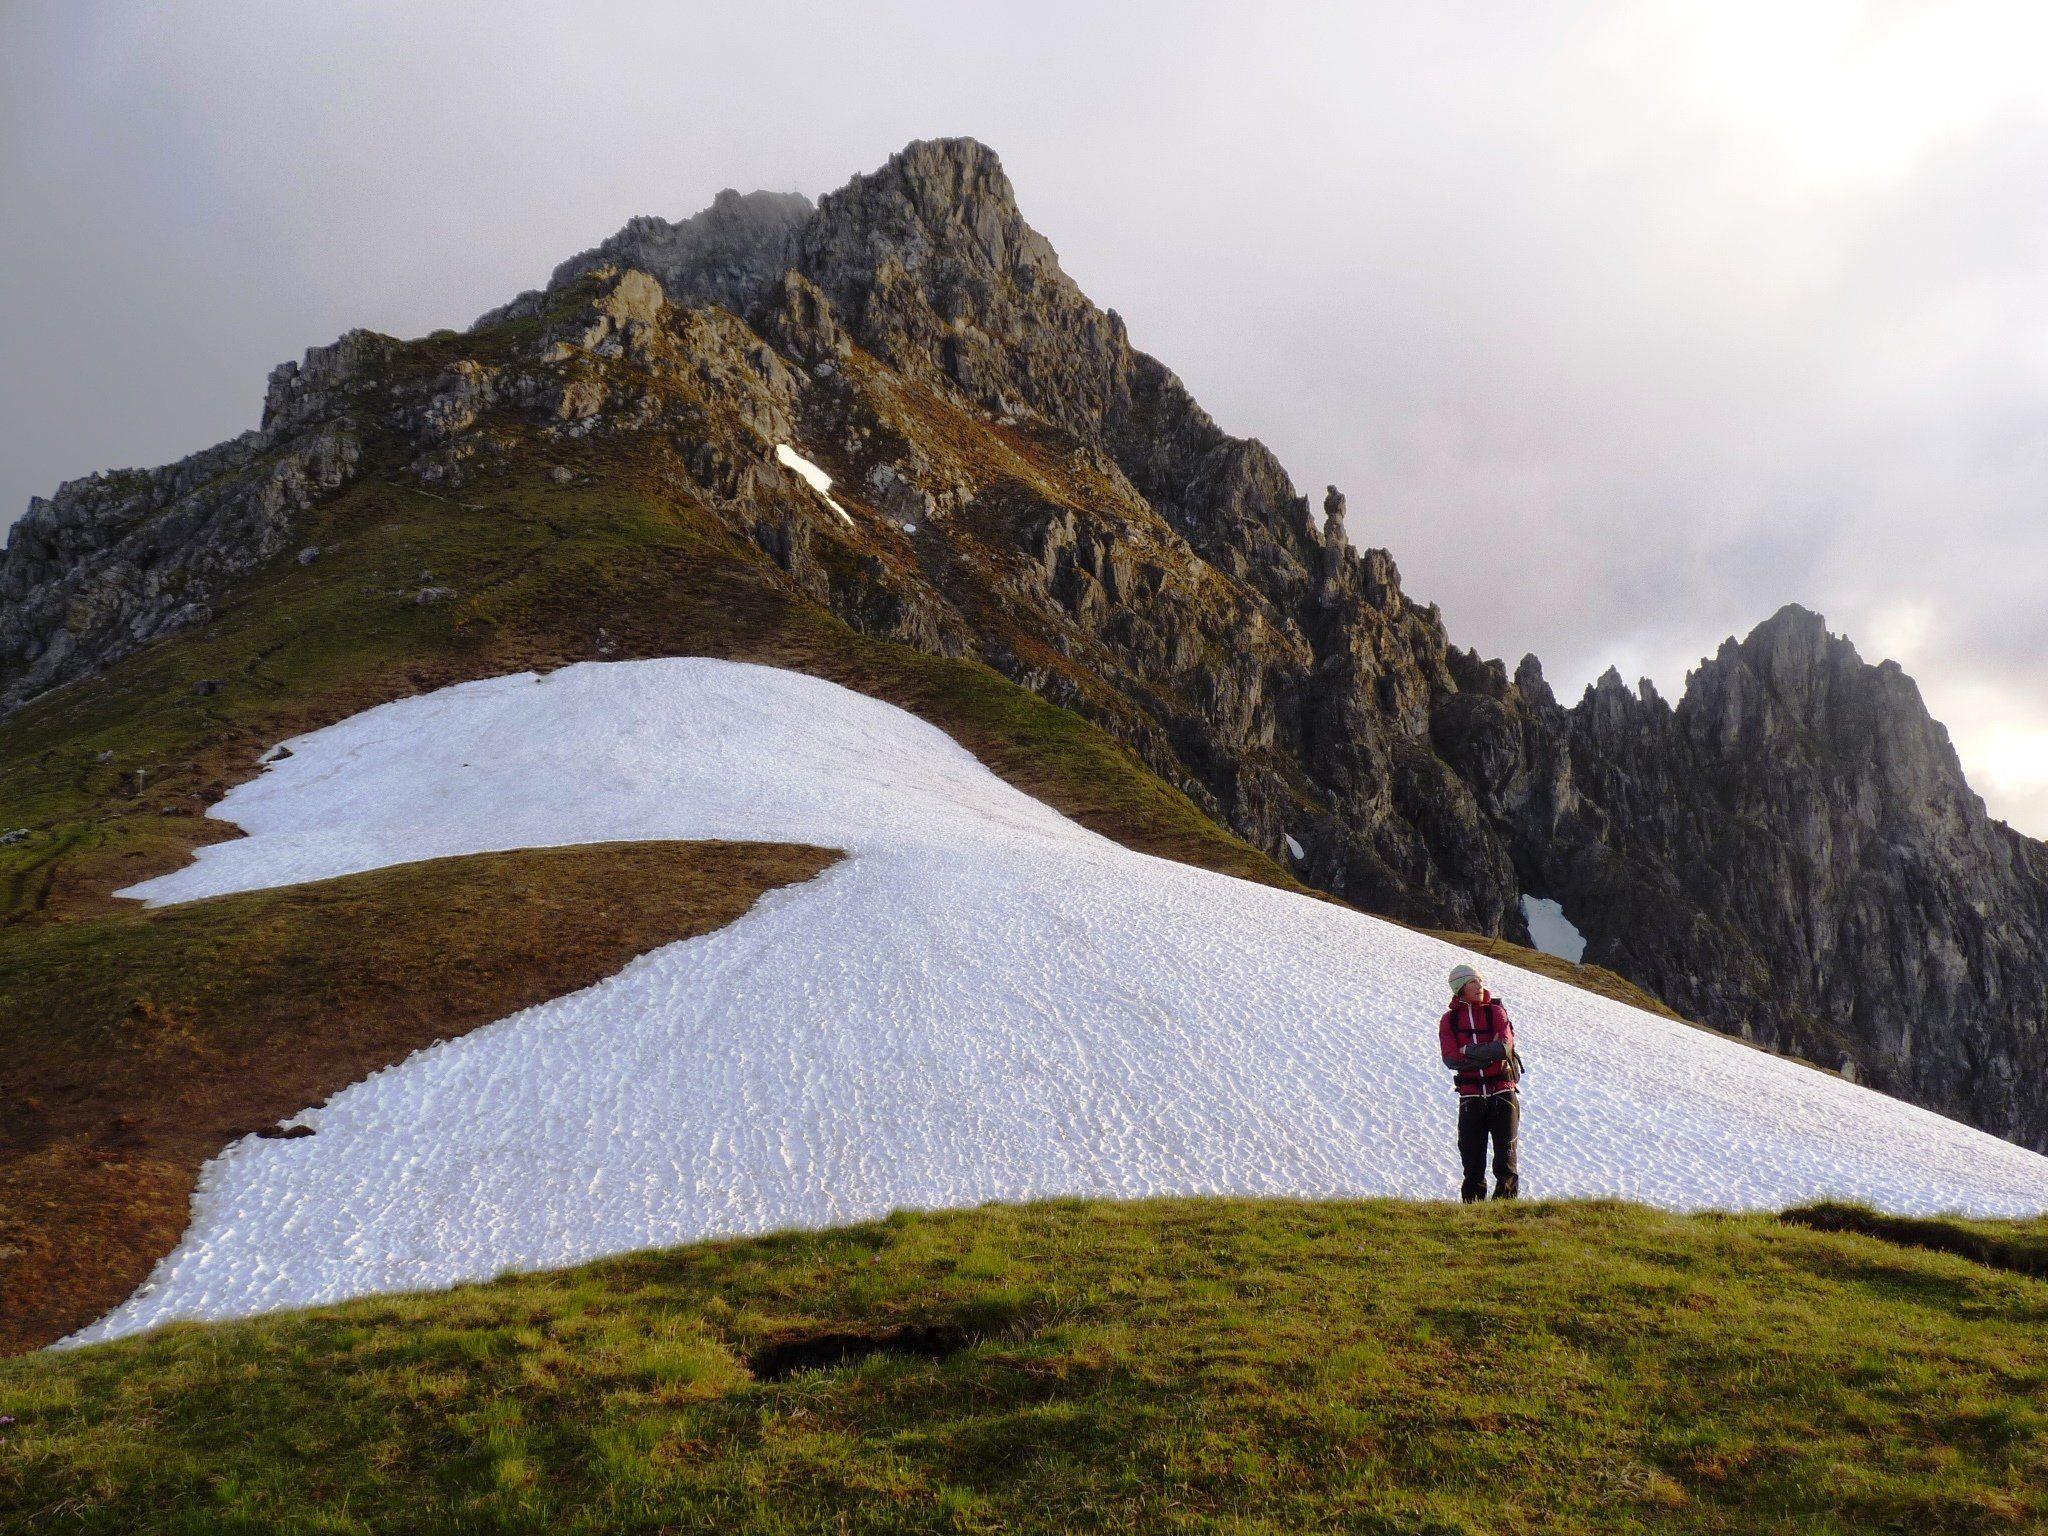 Die Tücke solcher Schneefelder wird von Wanderern allerdings sehr oft unterschätzt.